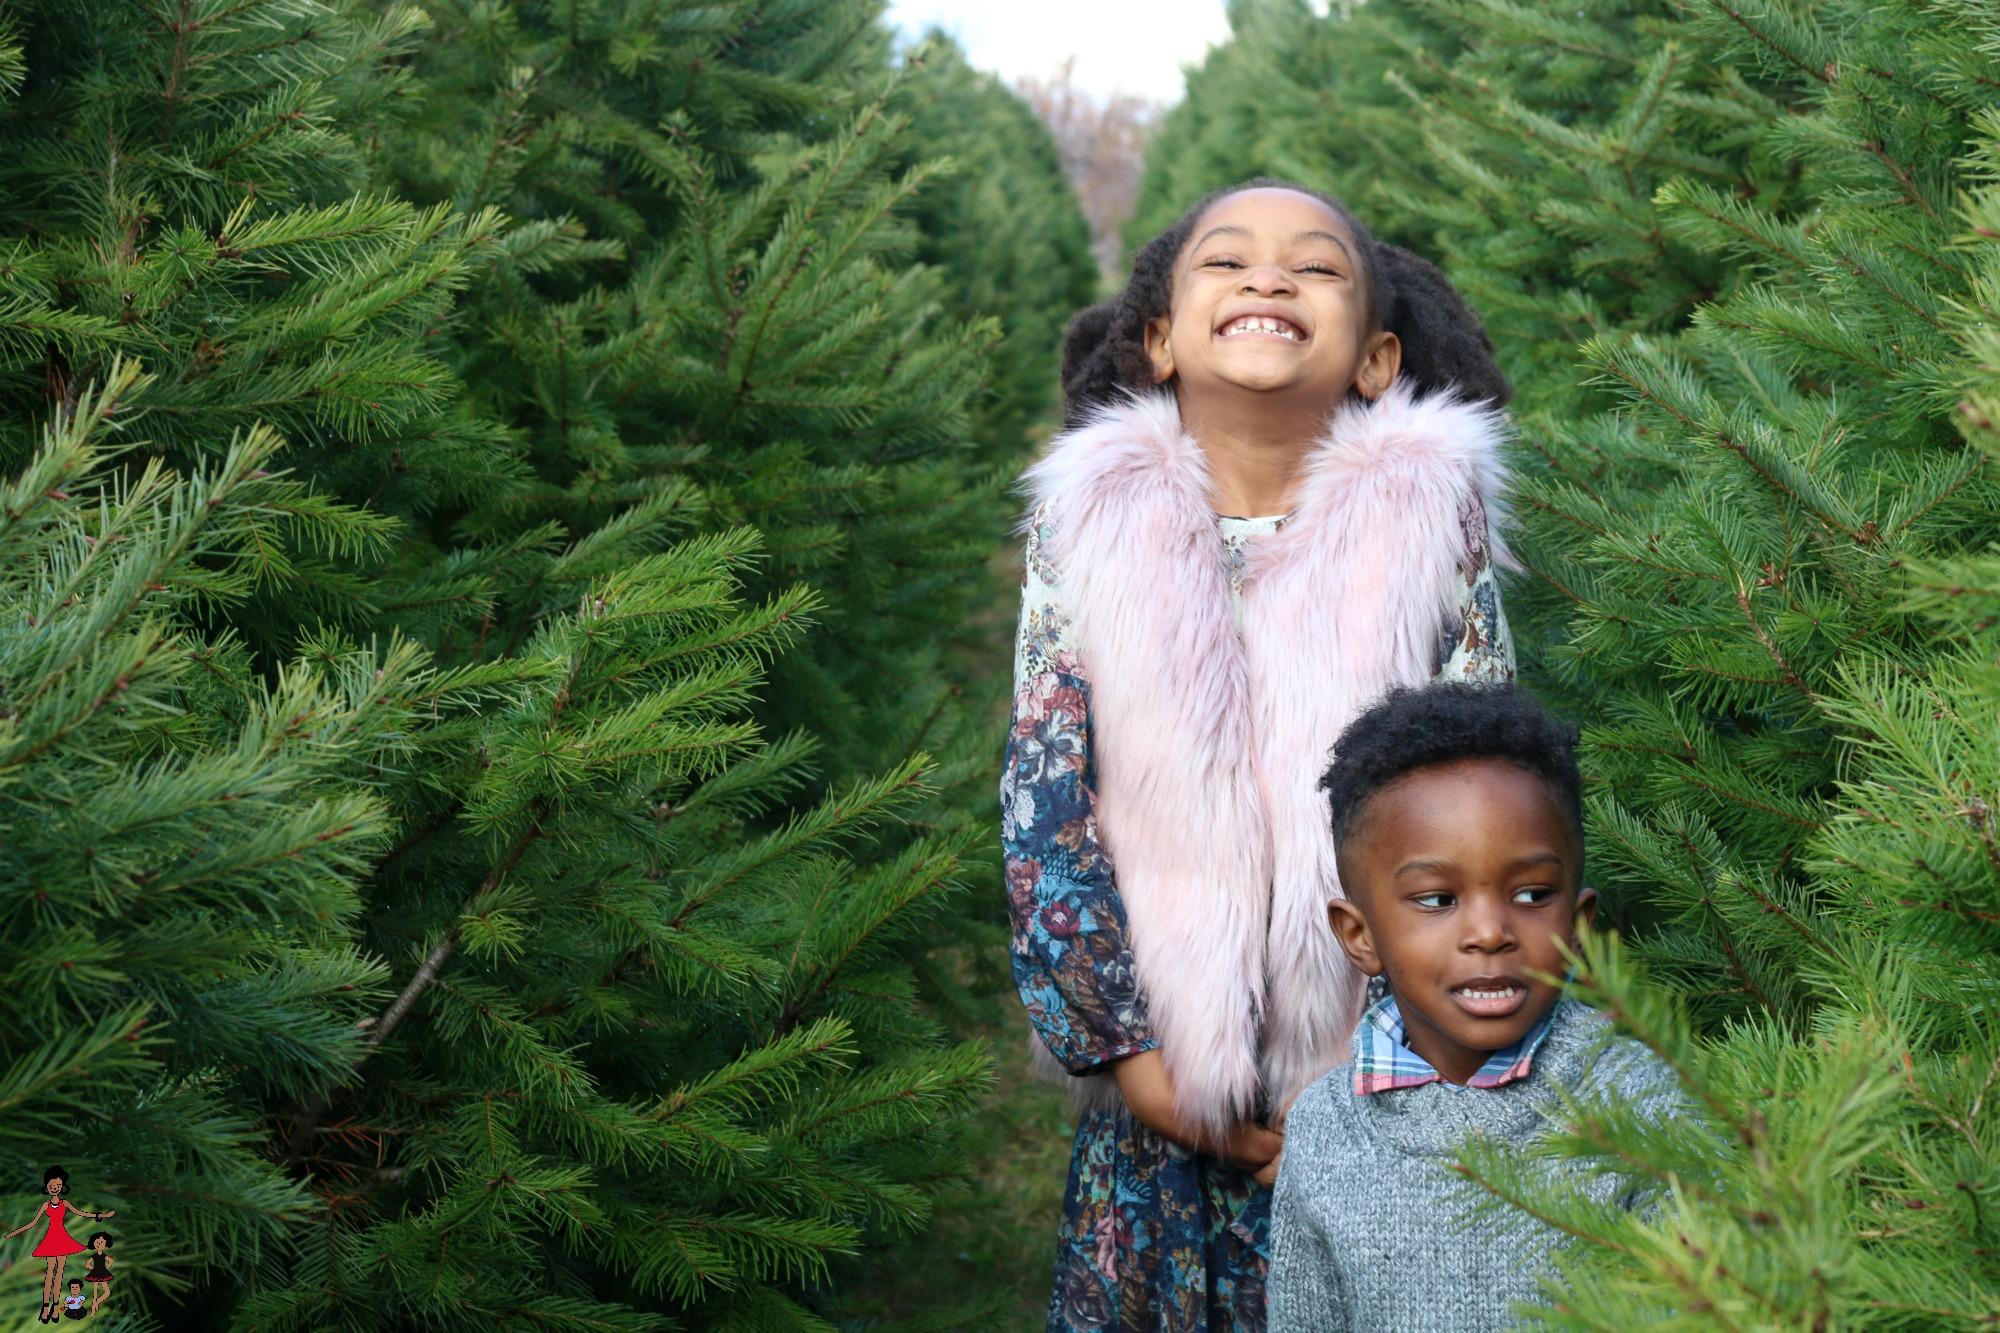 christmas-tree-family-fun